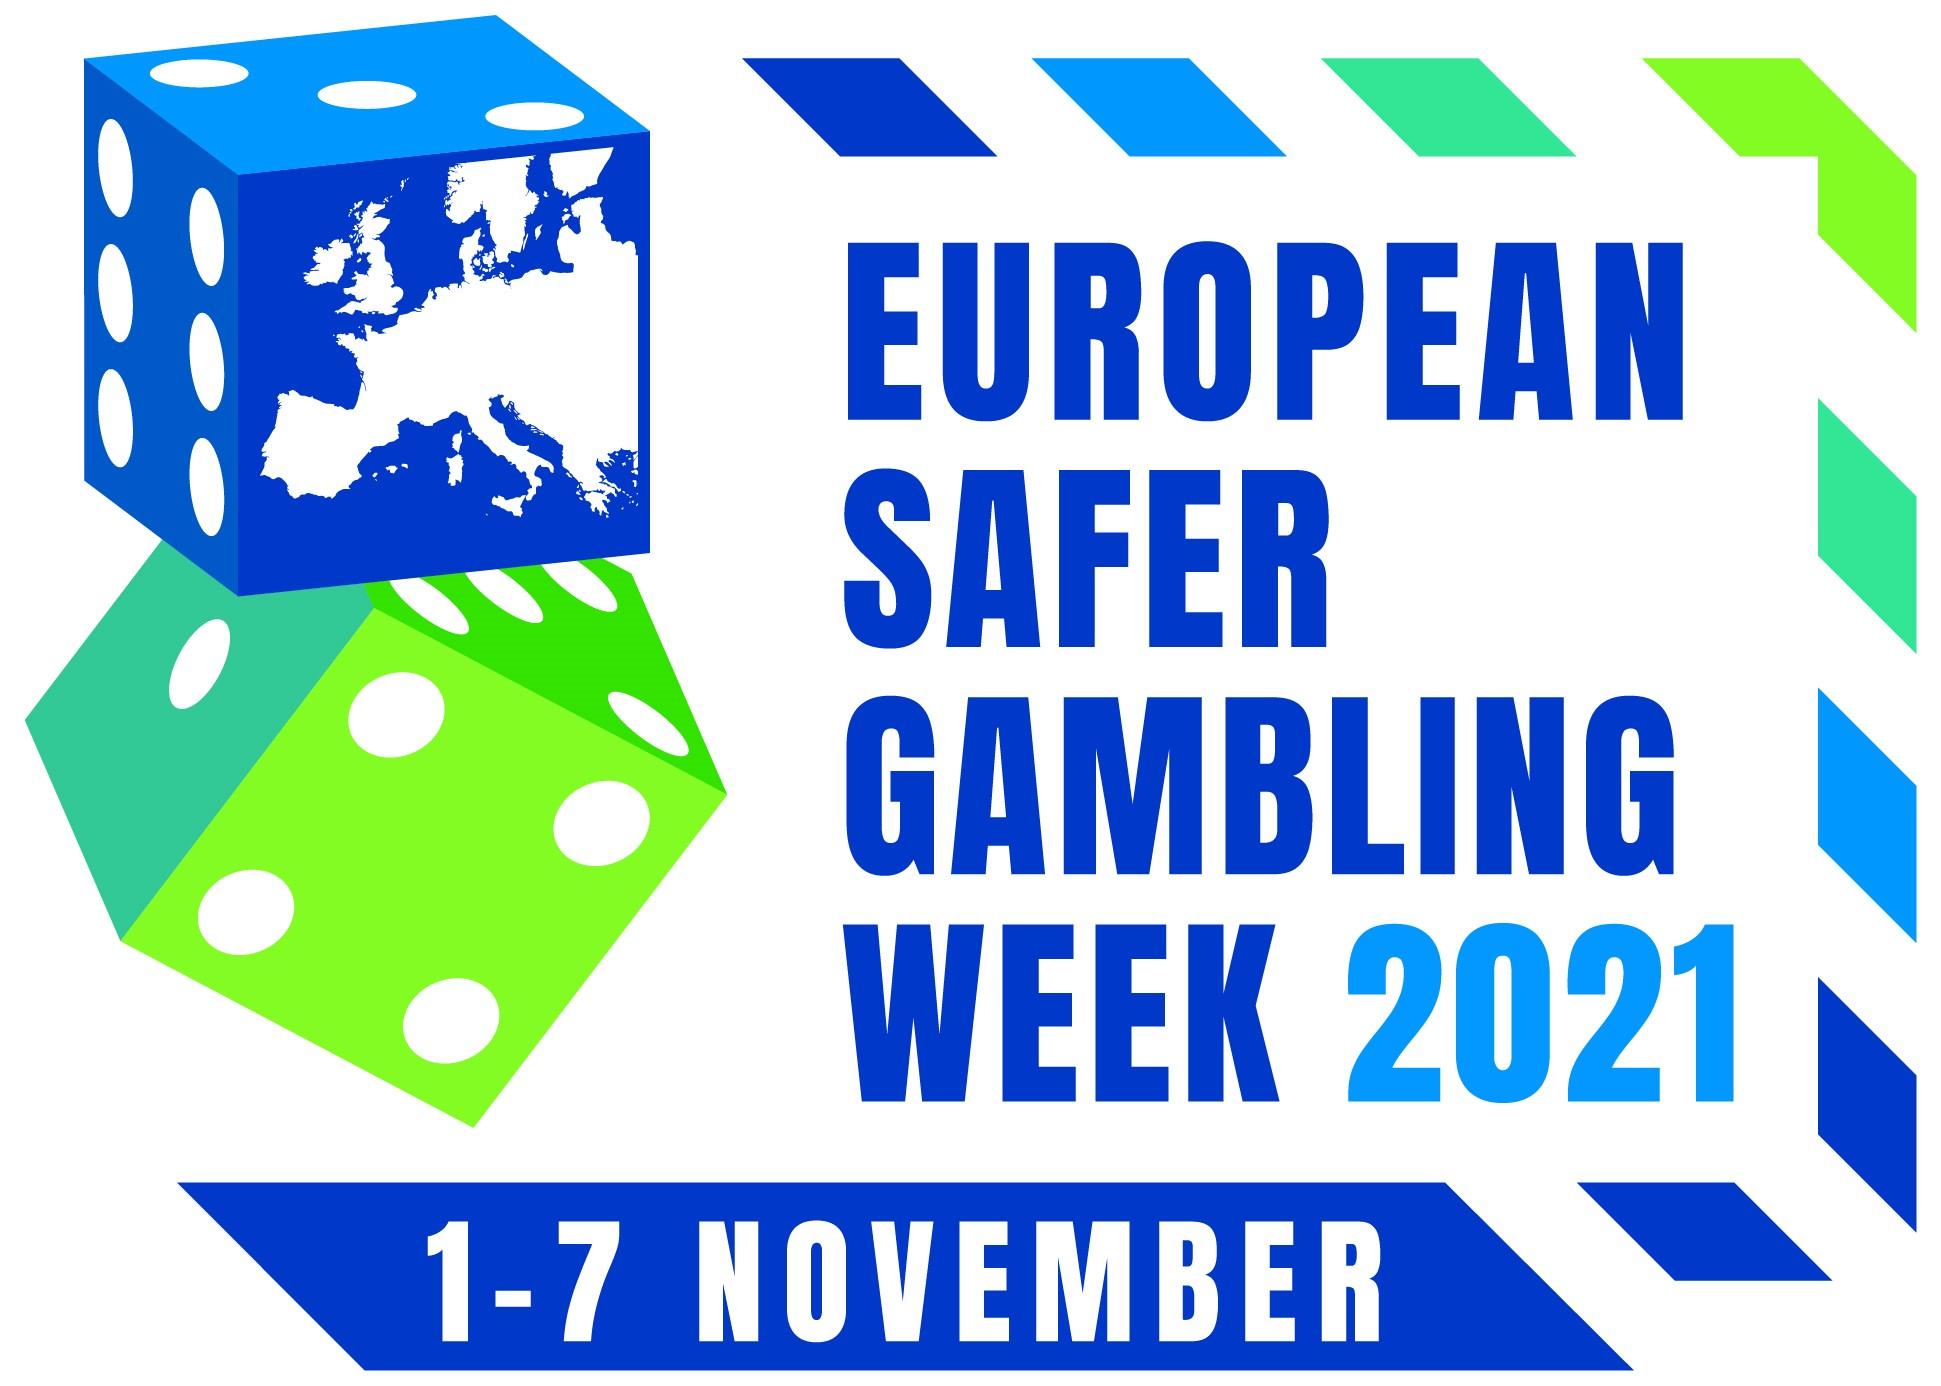 European Safer Gambling Week, 1-7 November 2021